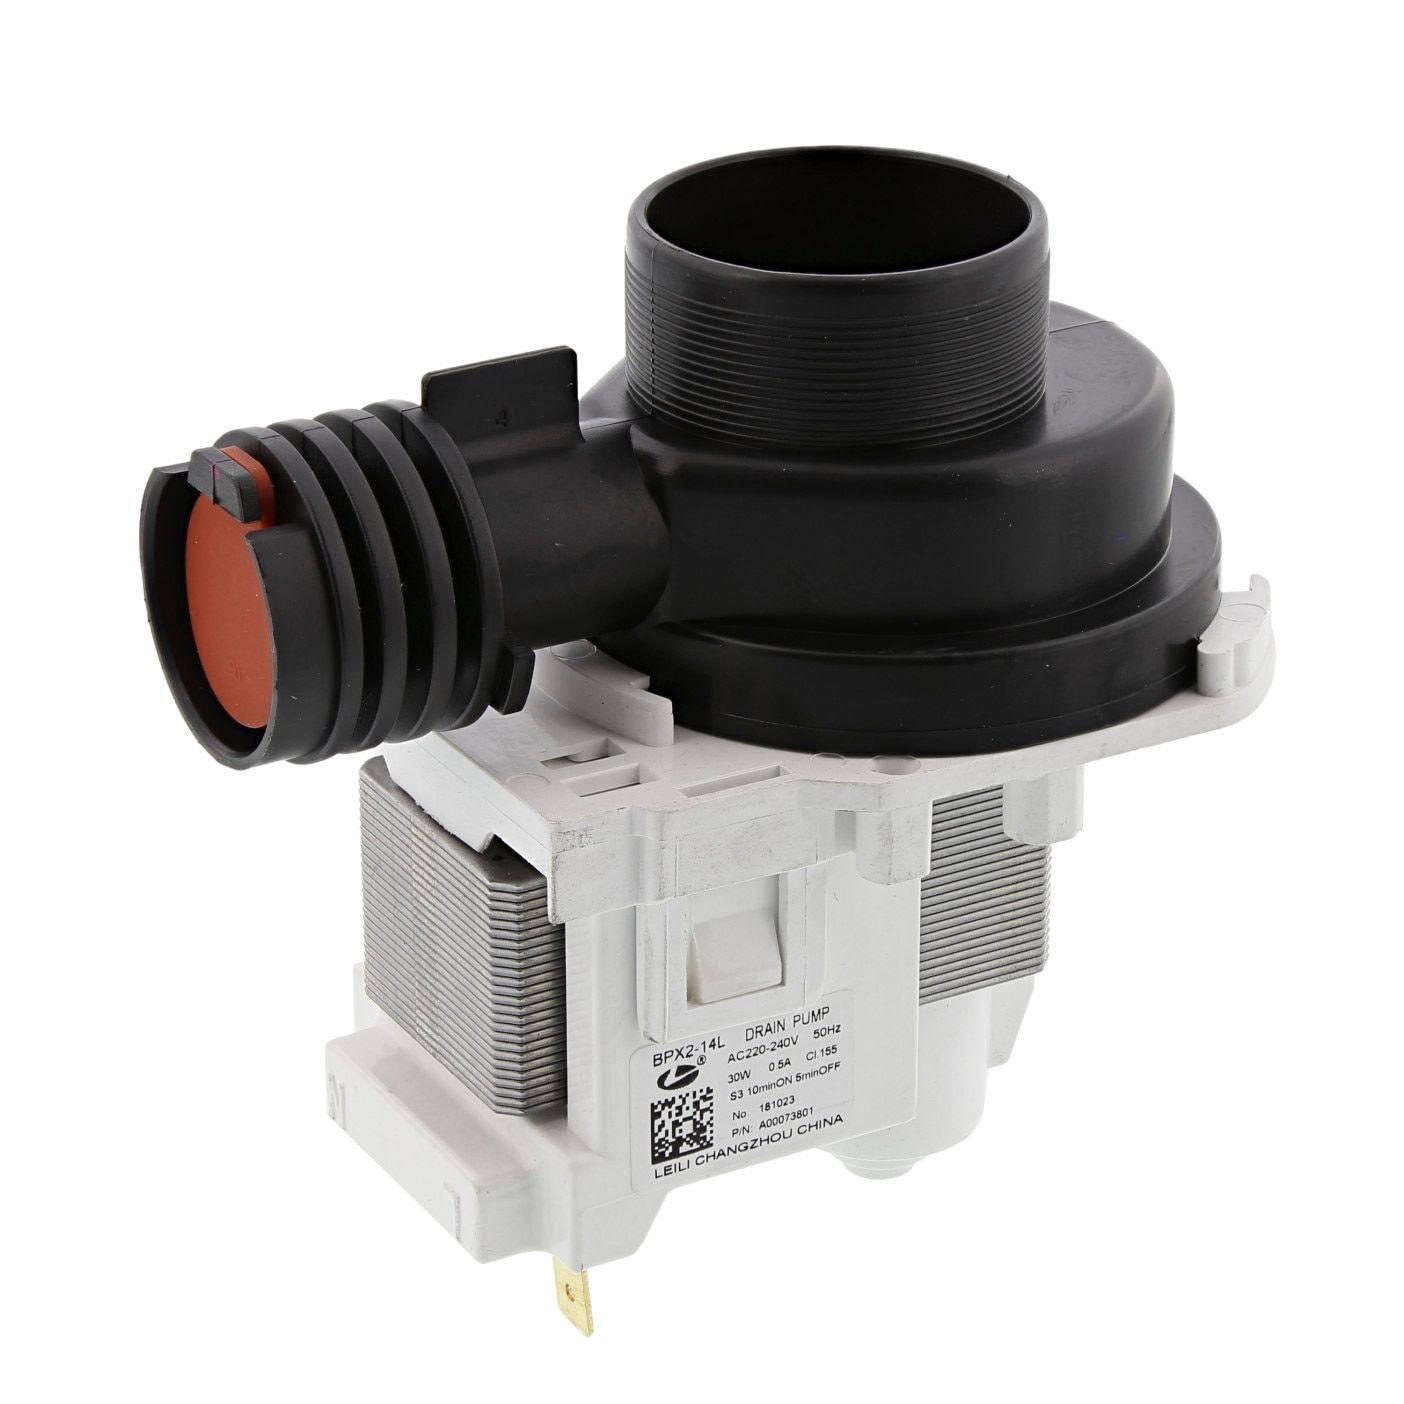 čerpadlo vypouštěcí do myček AEG Electrolux - 140000738017 AEG / Electrolux / Zanussi